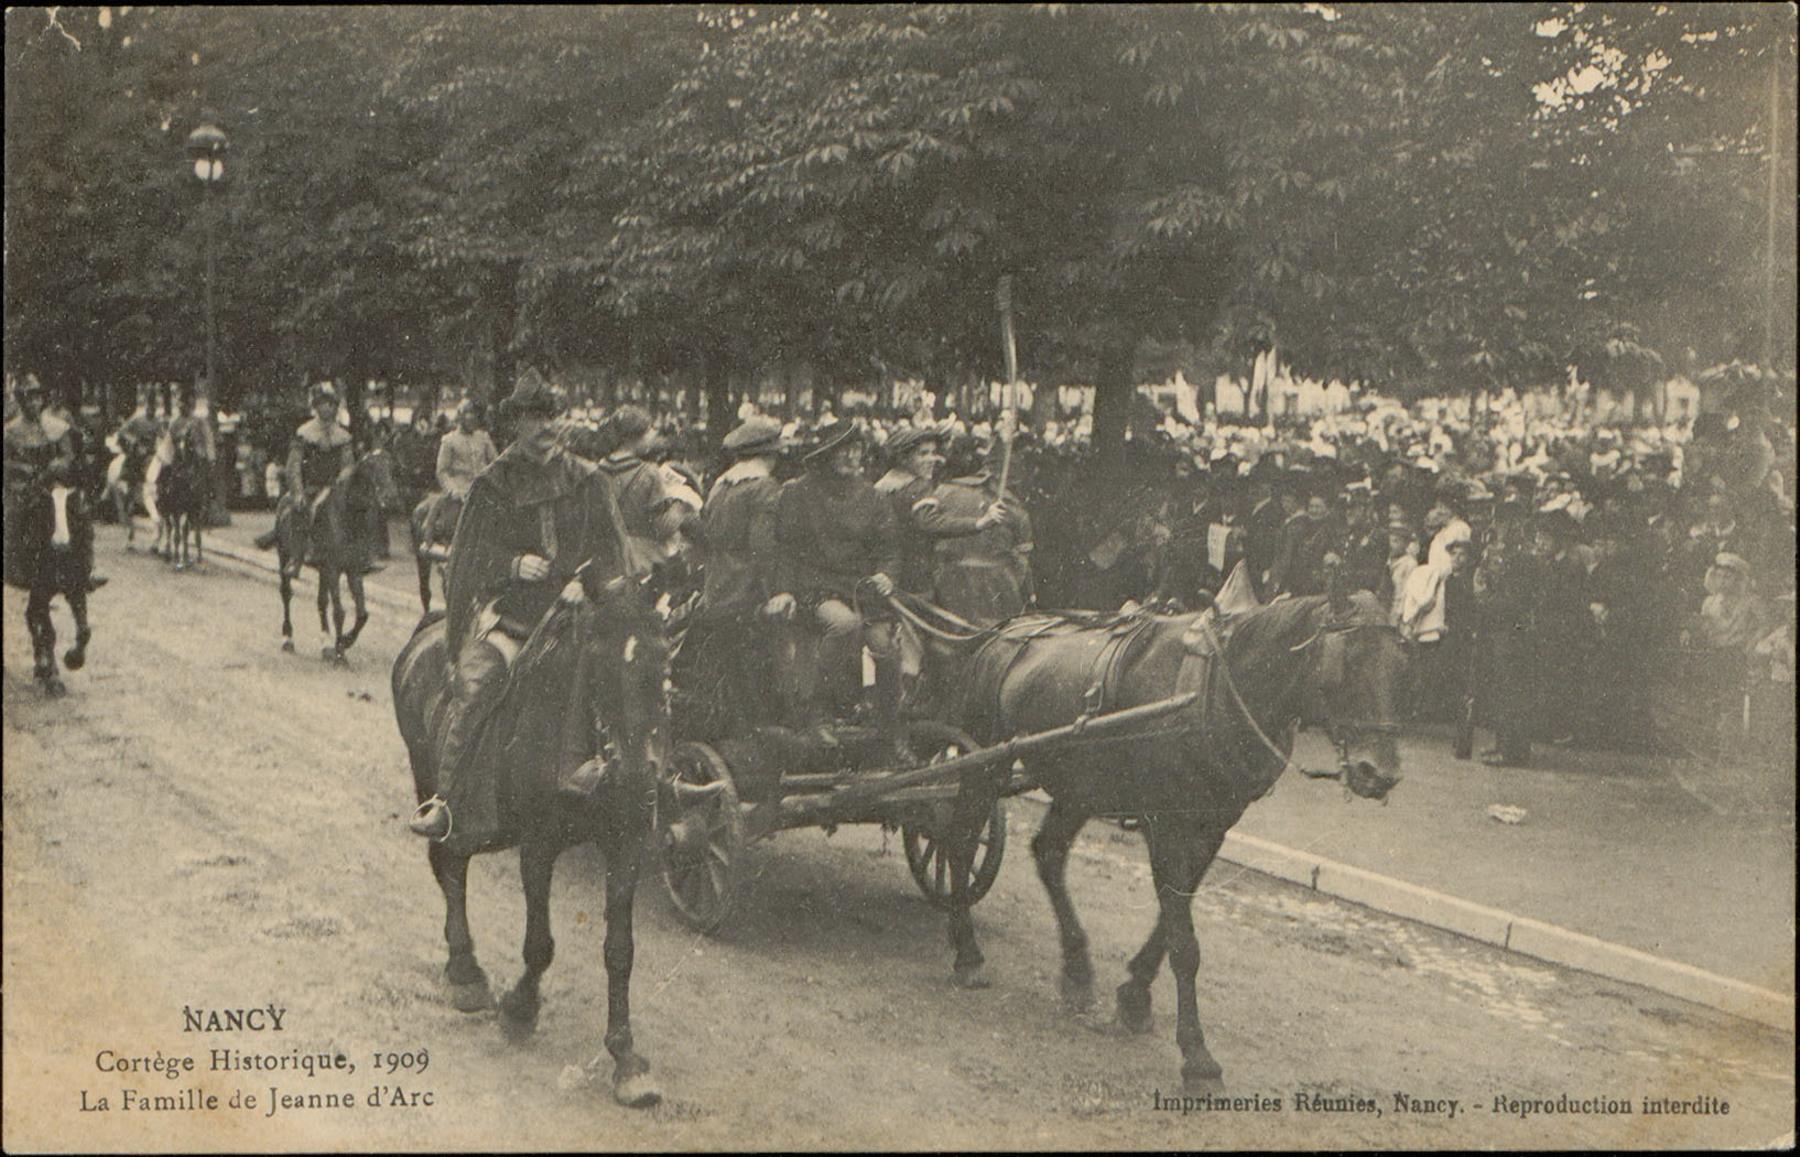 Contenu du Nancy, Cortège historique, 1909, La Famille de Jeanne d'Arc